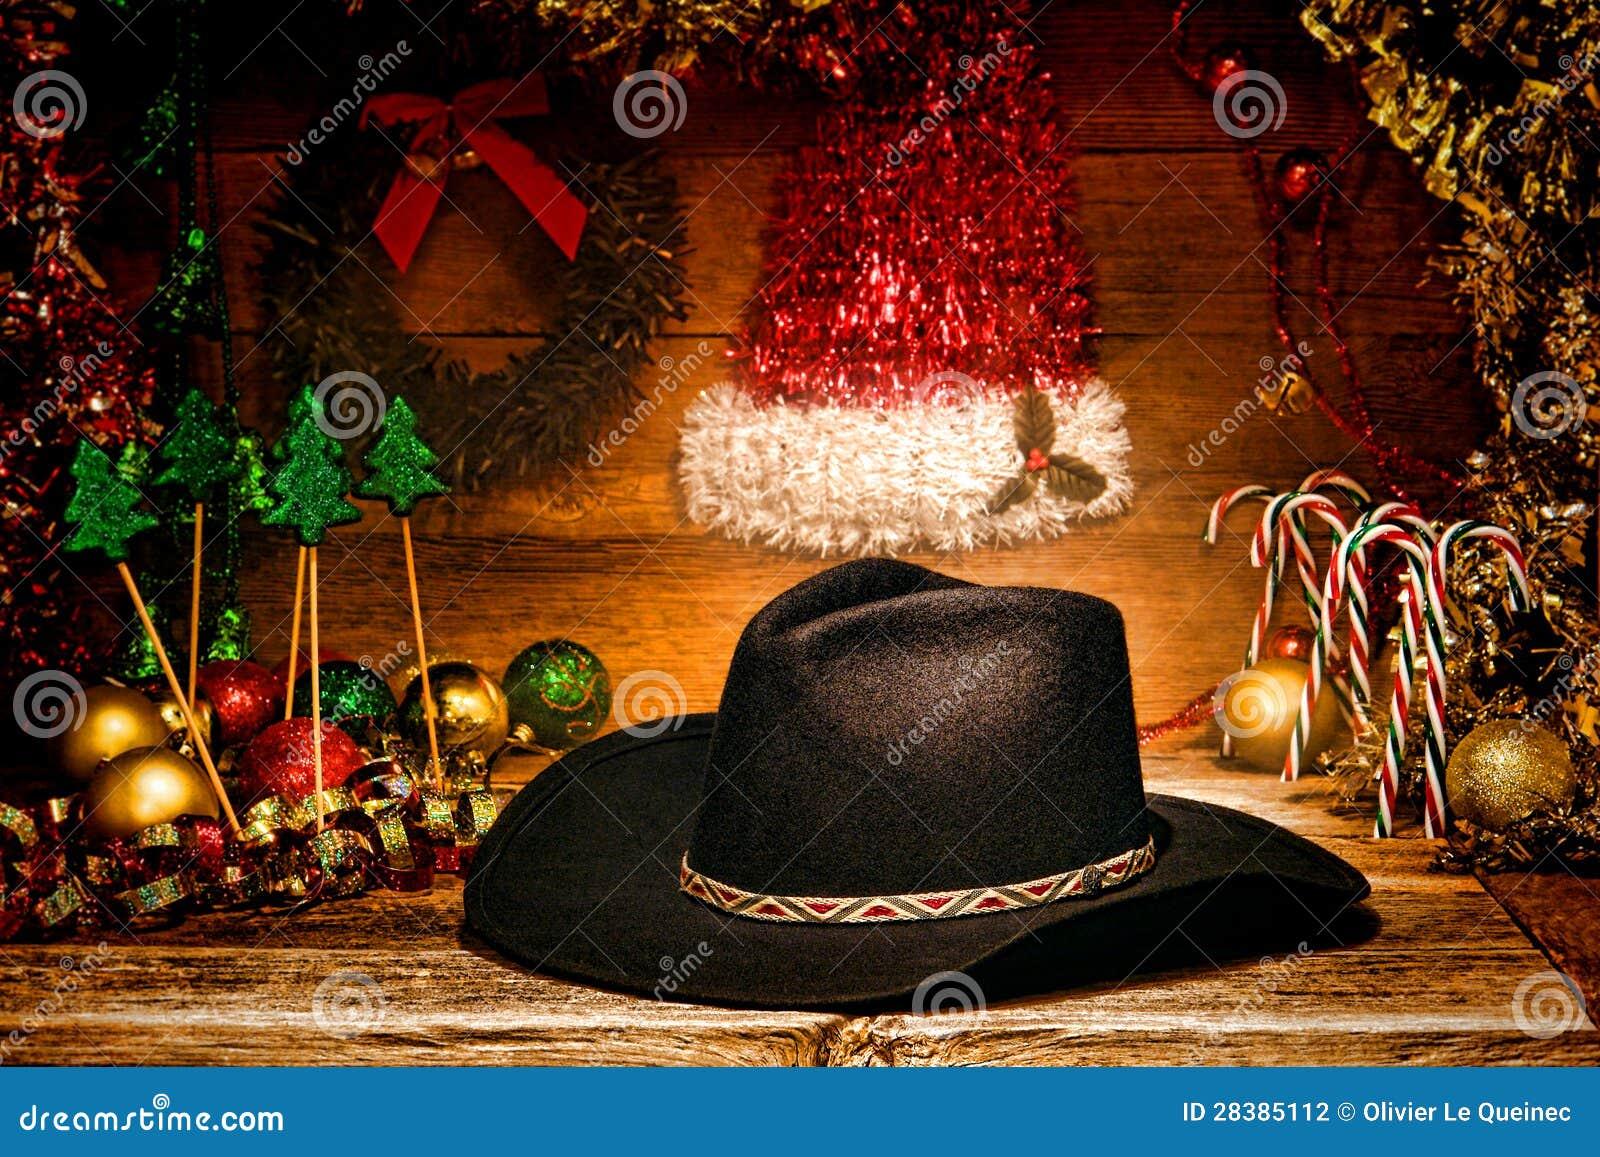 Amerikanische Weihnachtskarten.Amerikanischer Westrodeo Cowboyhut Für Weihnachtskarte Stockfoto